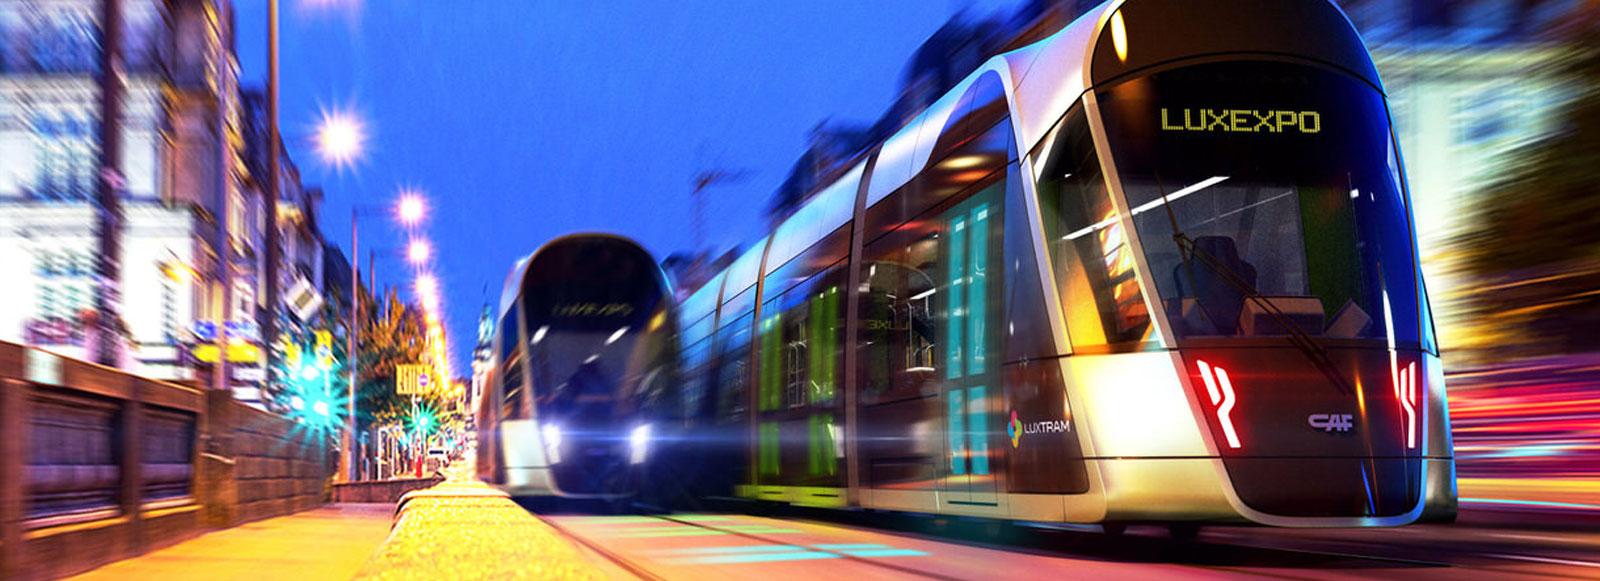 Première sortie pour le tram à Luxembourg